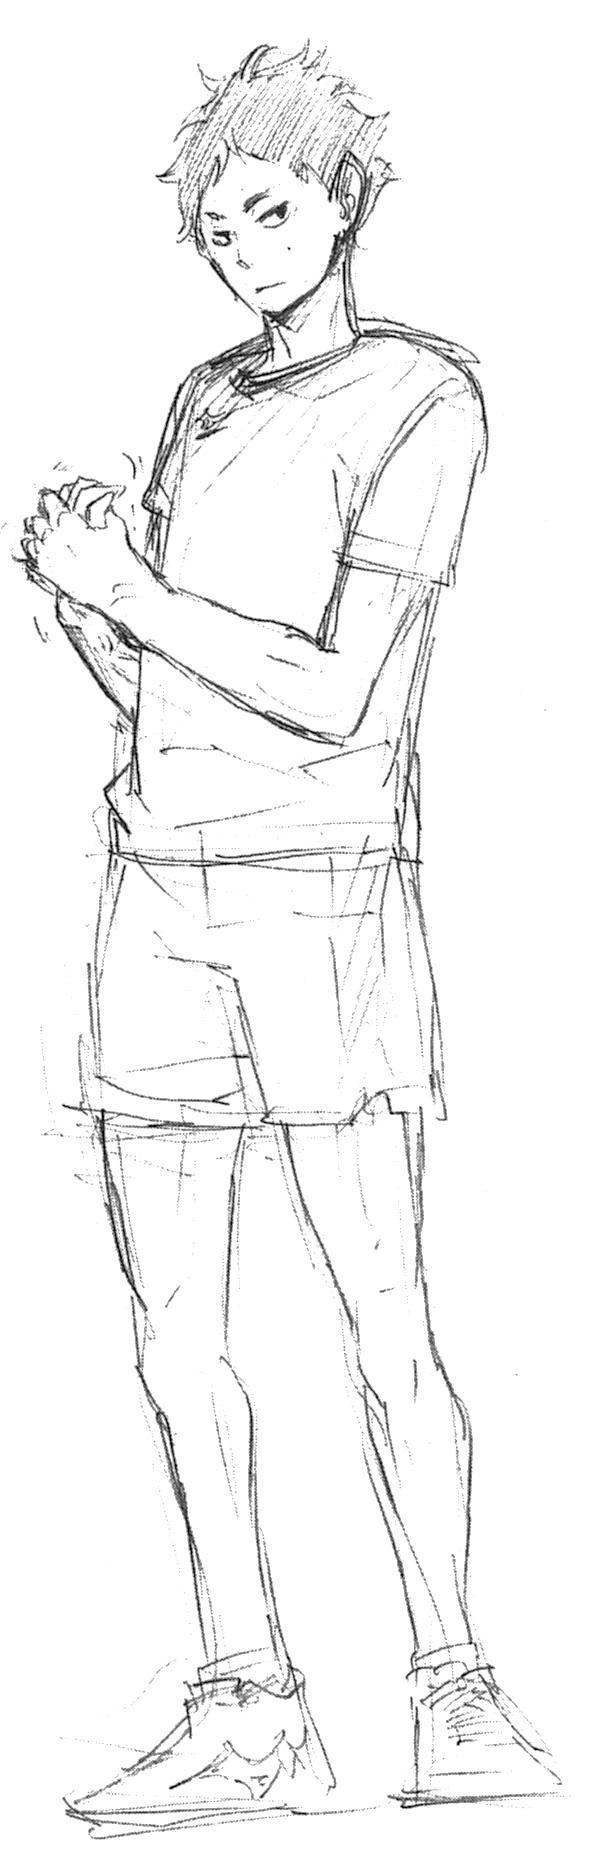 Keiji Akaashi Sketch.png